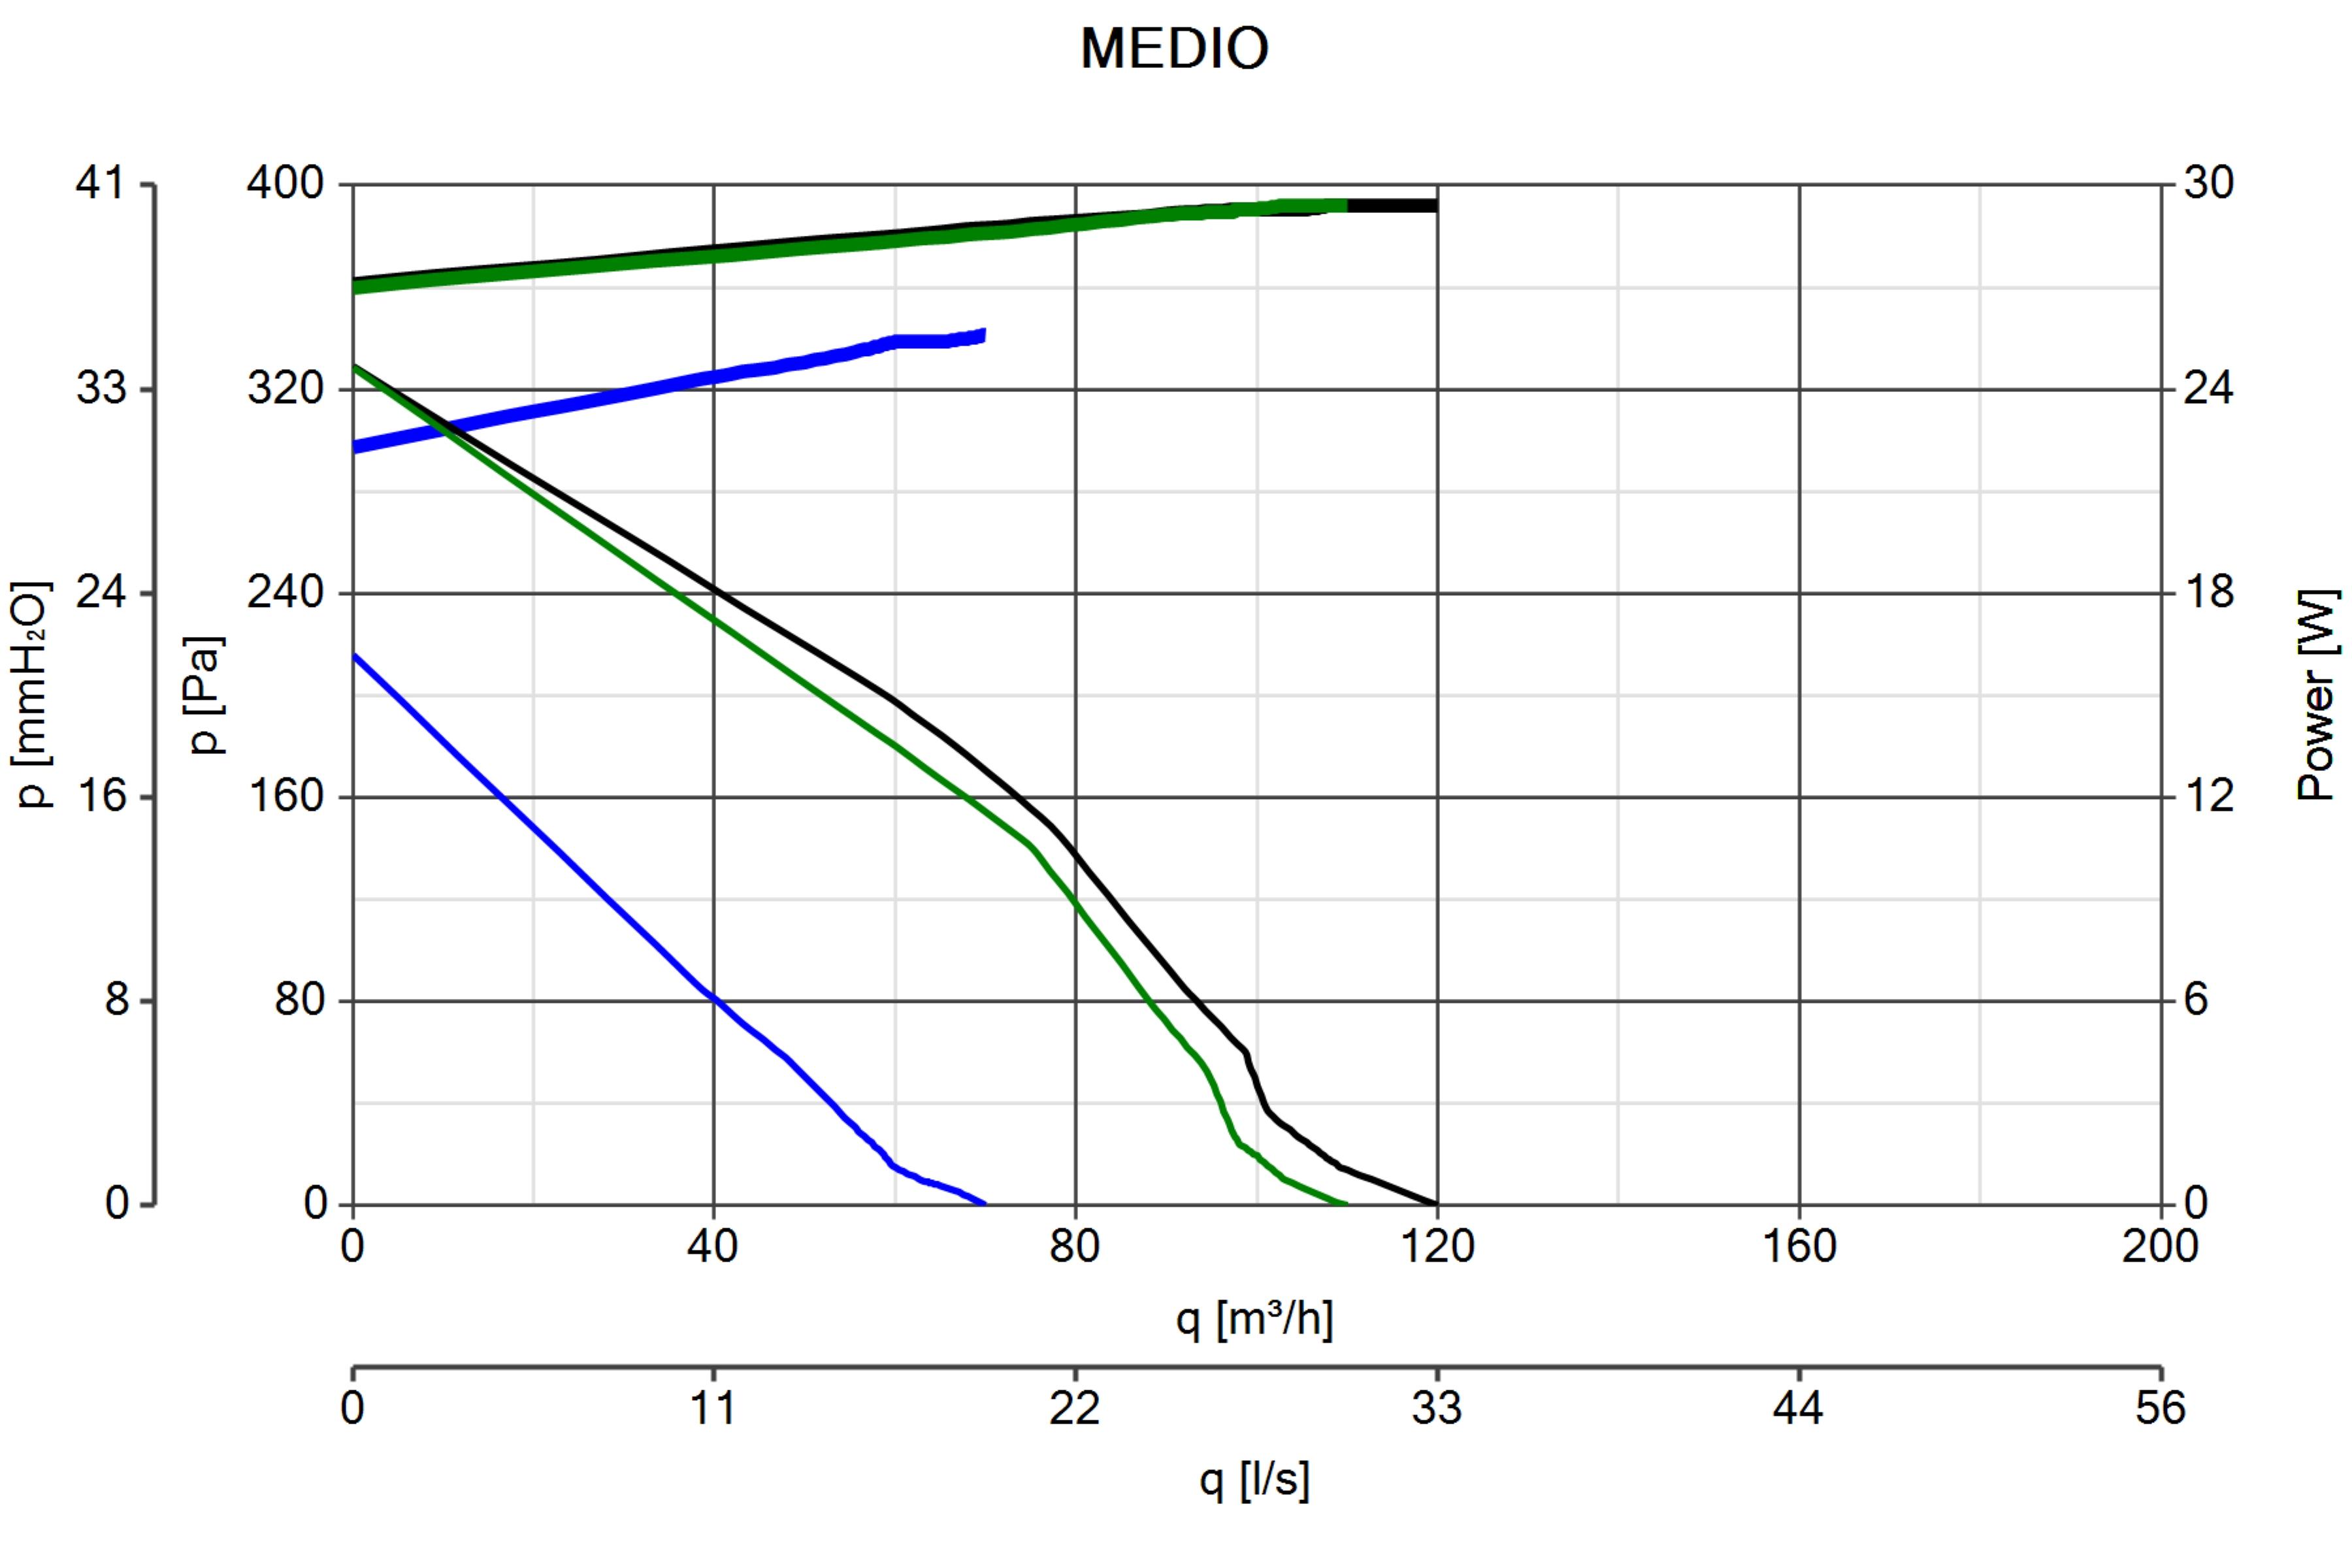 Schema Elettrico Regolatore Velocità Vortice : Medio ventilazione residenziale centrifughi vortice